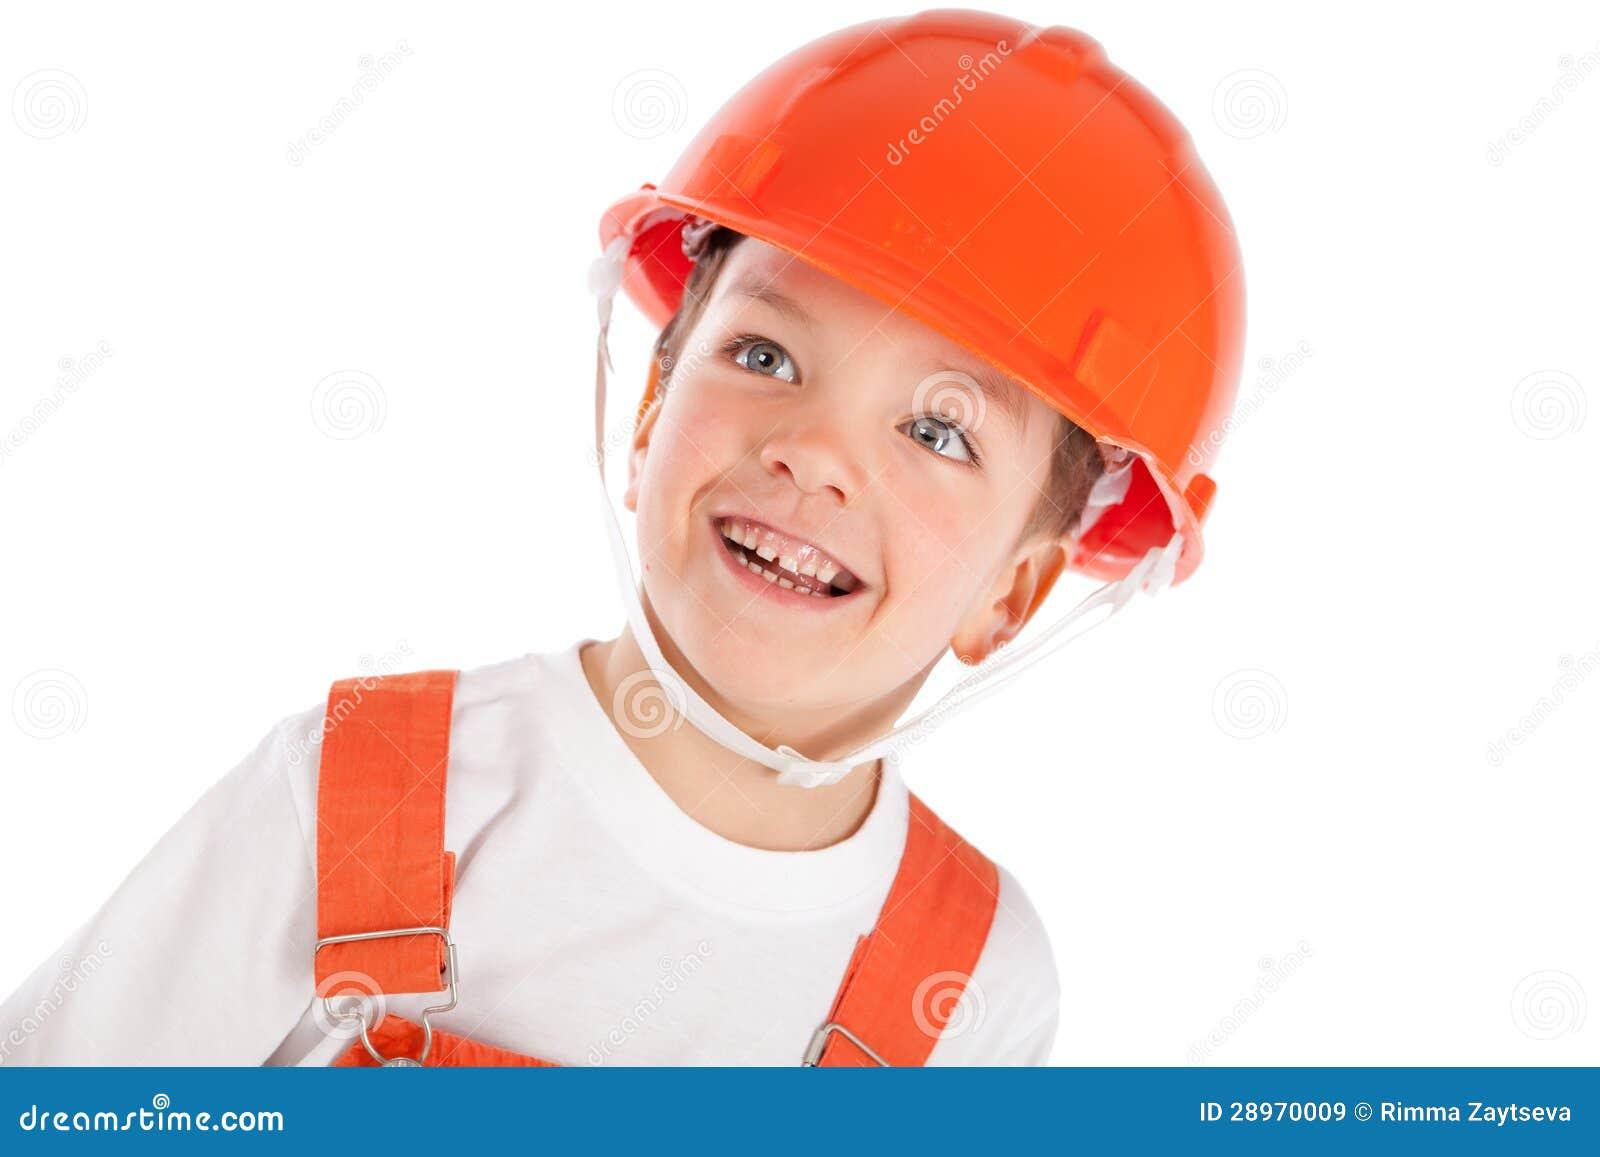 Portret chłopiec w pomarańczowym hełmie, izolacja